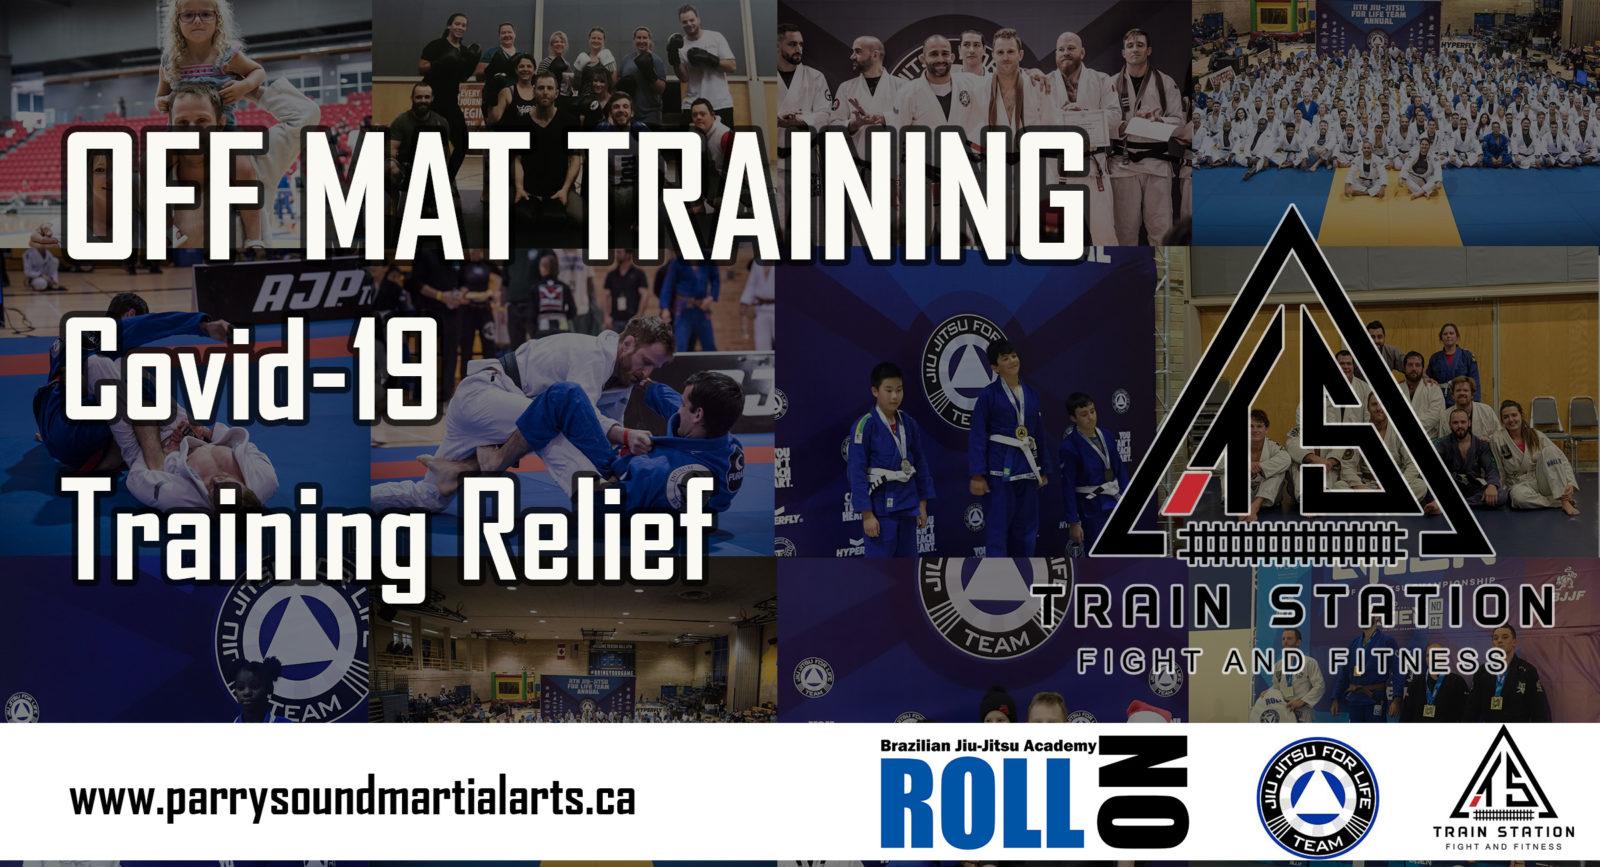 training brazilian jiu jitsu in covid 19